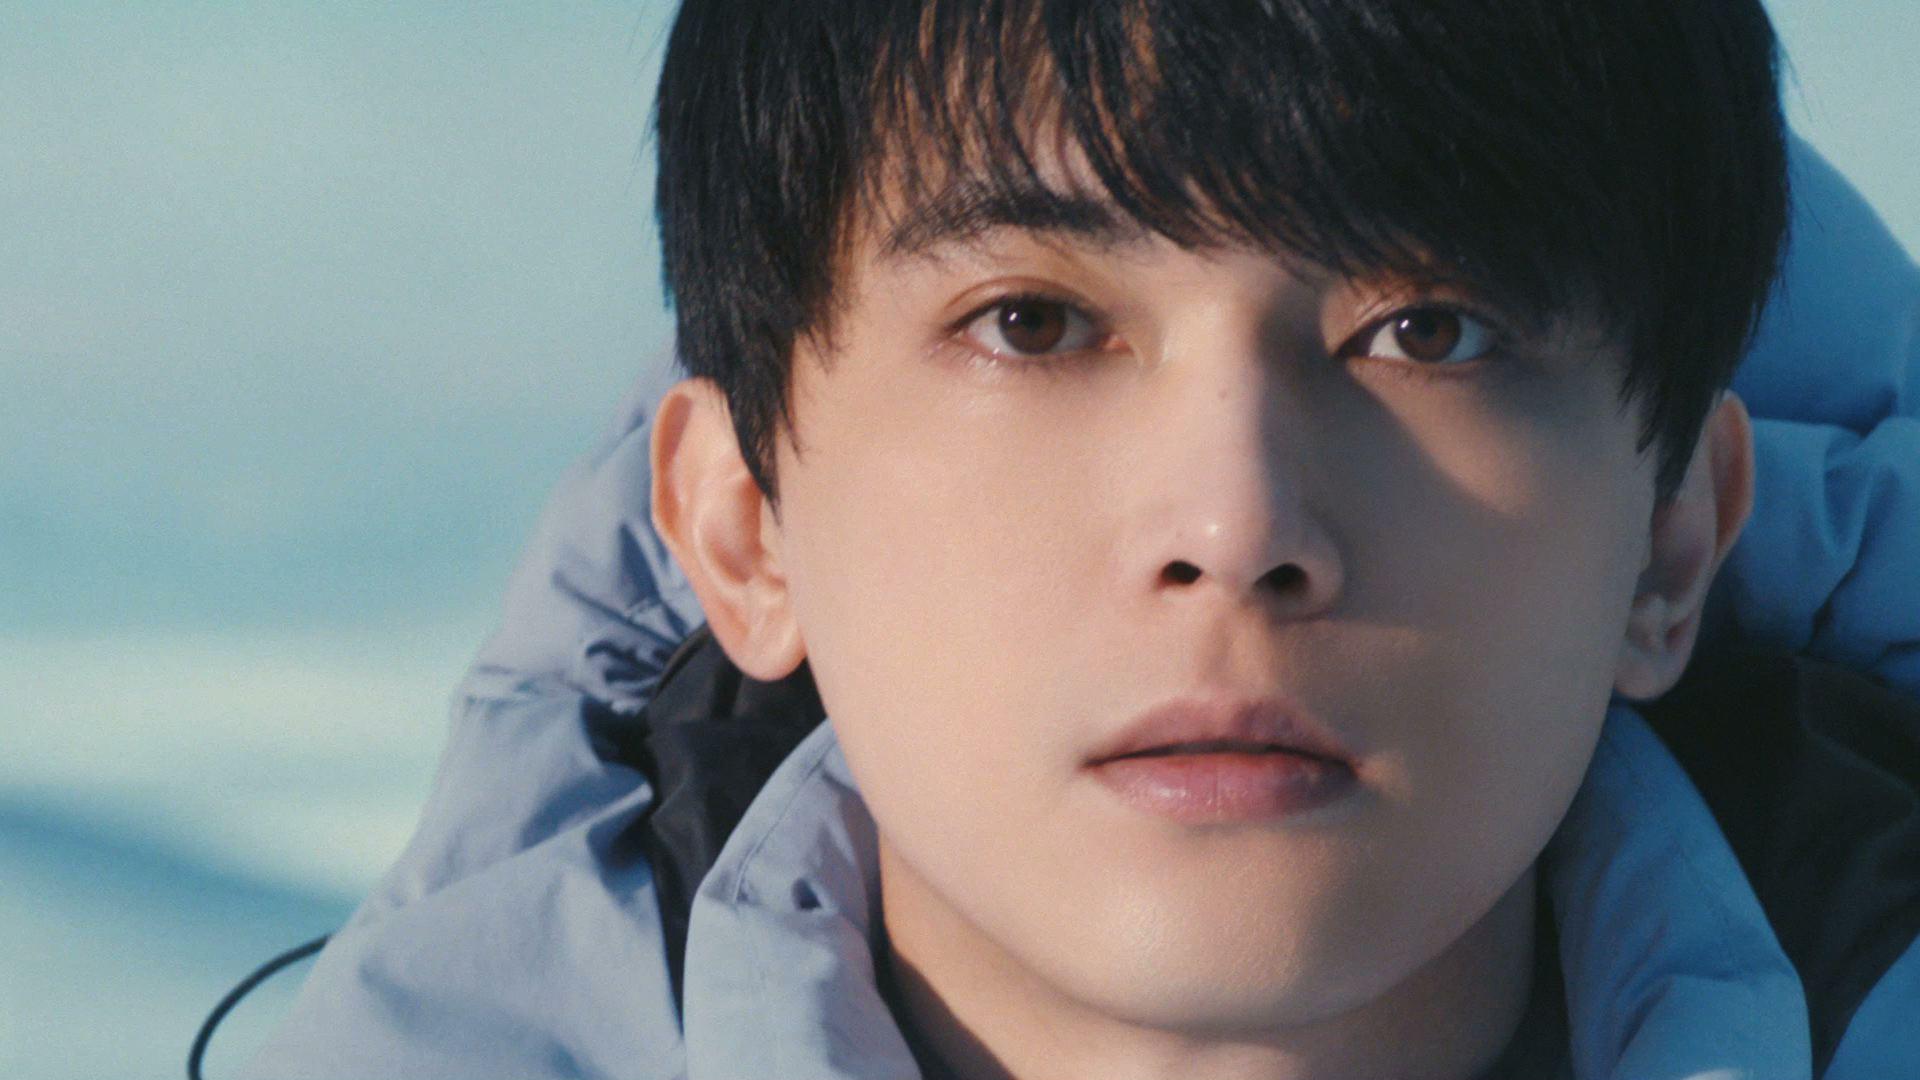 俳優生活10周年目を迎えた吉沢亮さんが 高橋書店の新cmに出演